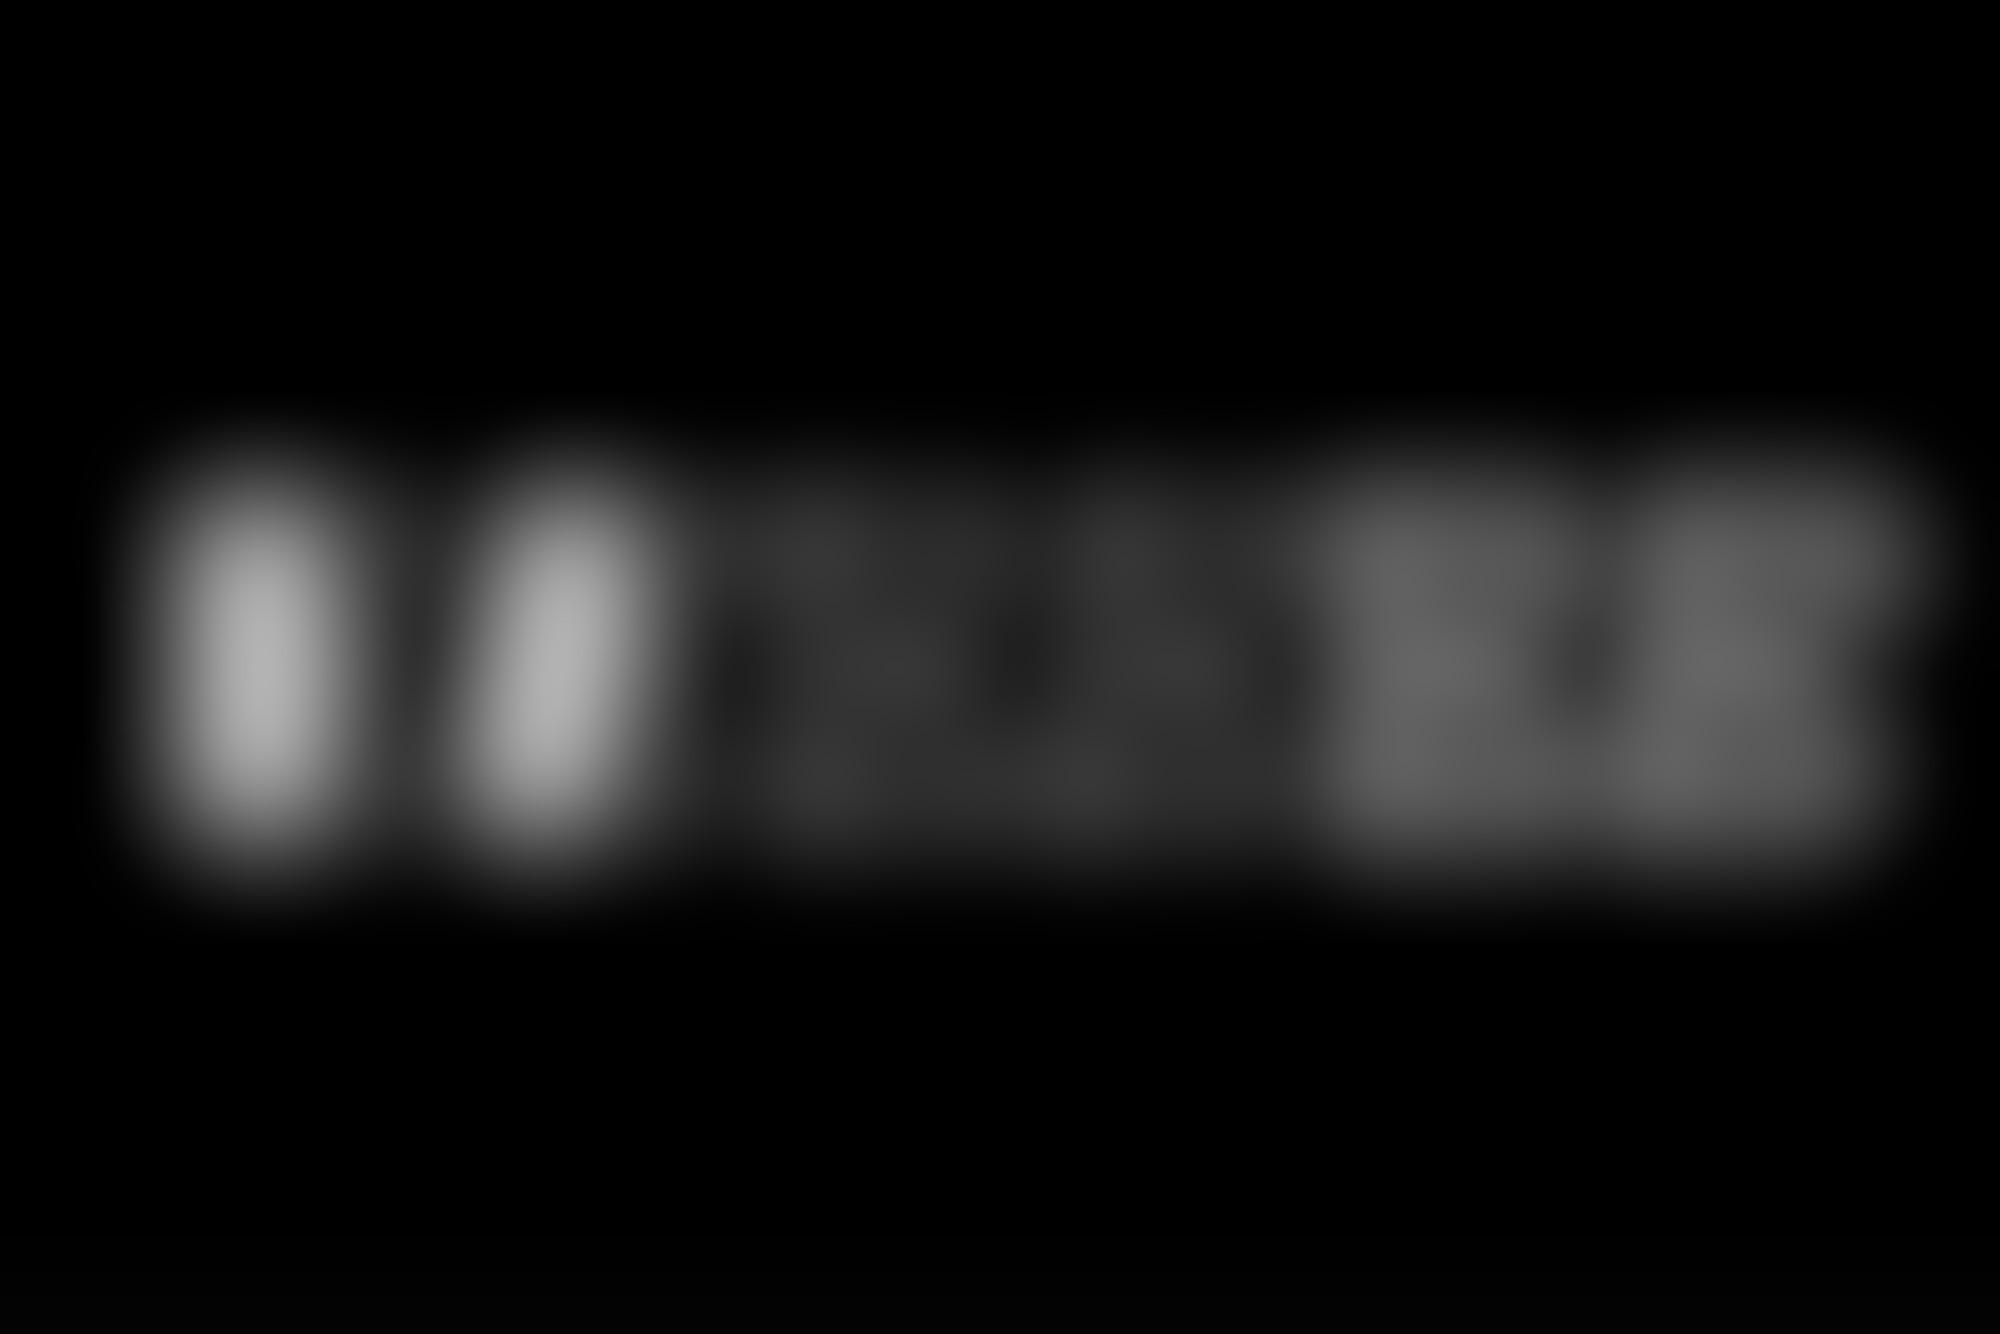 BM CL12 autocompressfitresizeixlibphp 1 1 0max h2000max w3 D2000q80sd4f7349ace84faecad31665cb0dda0c2